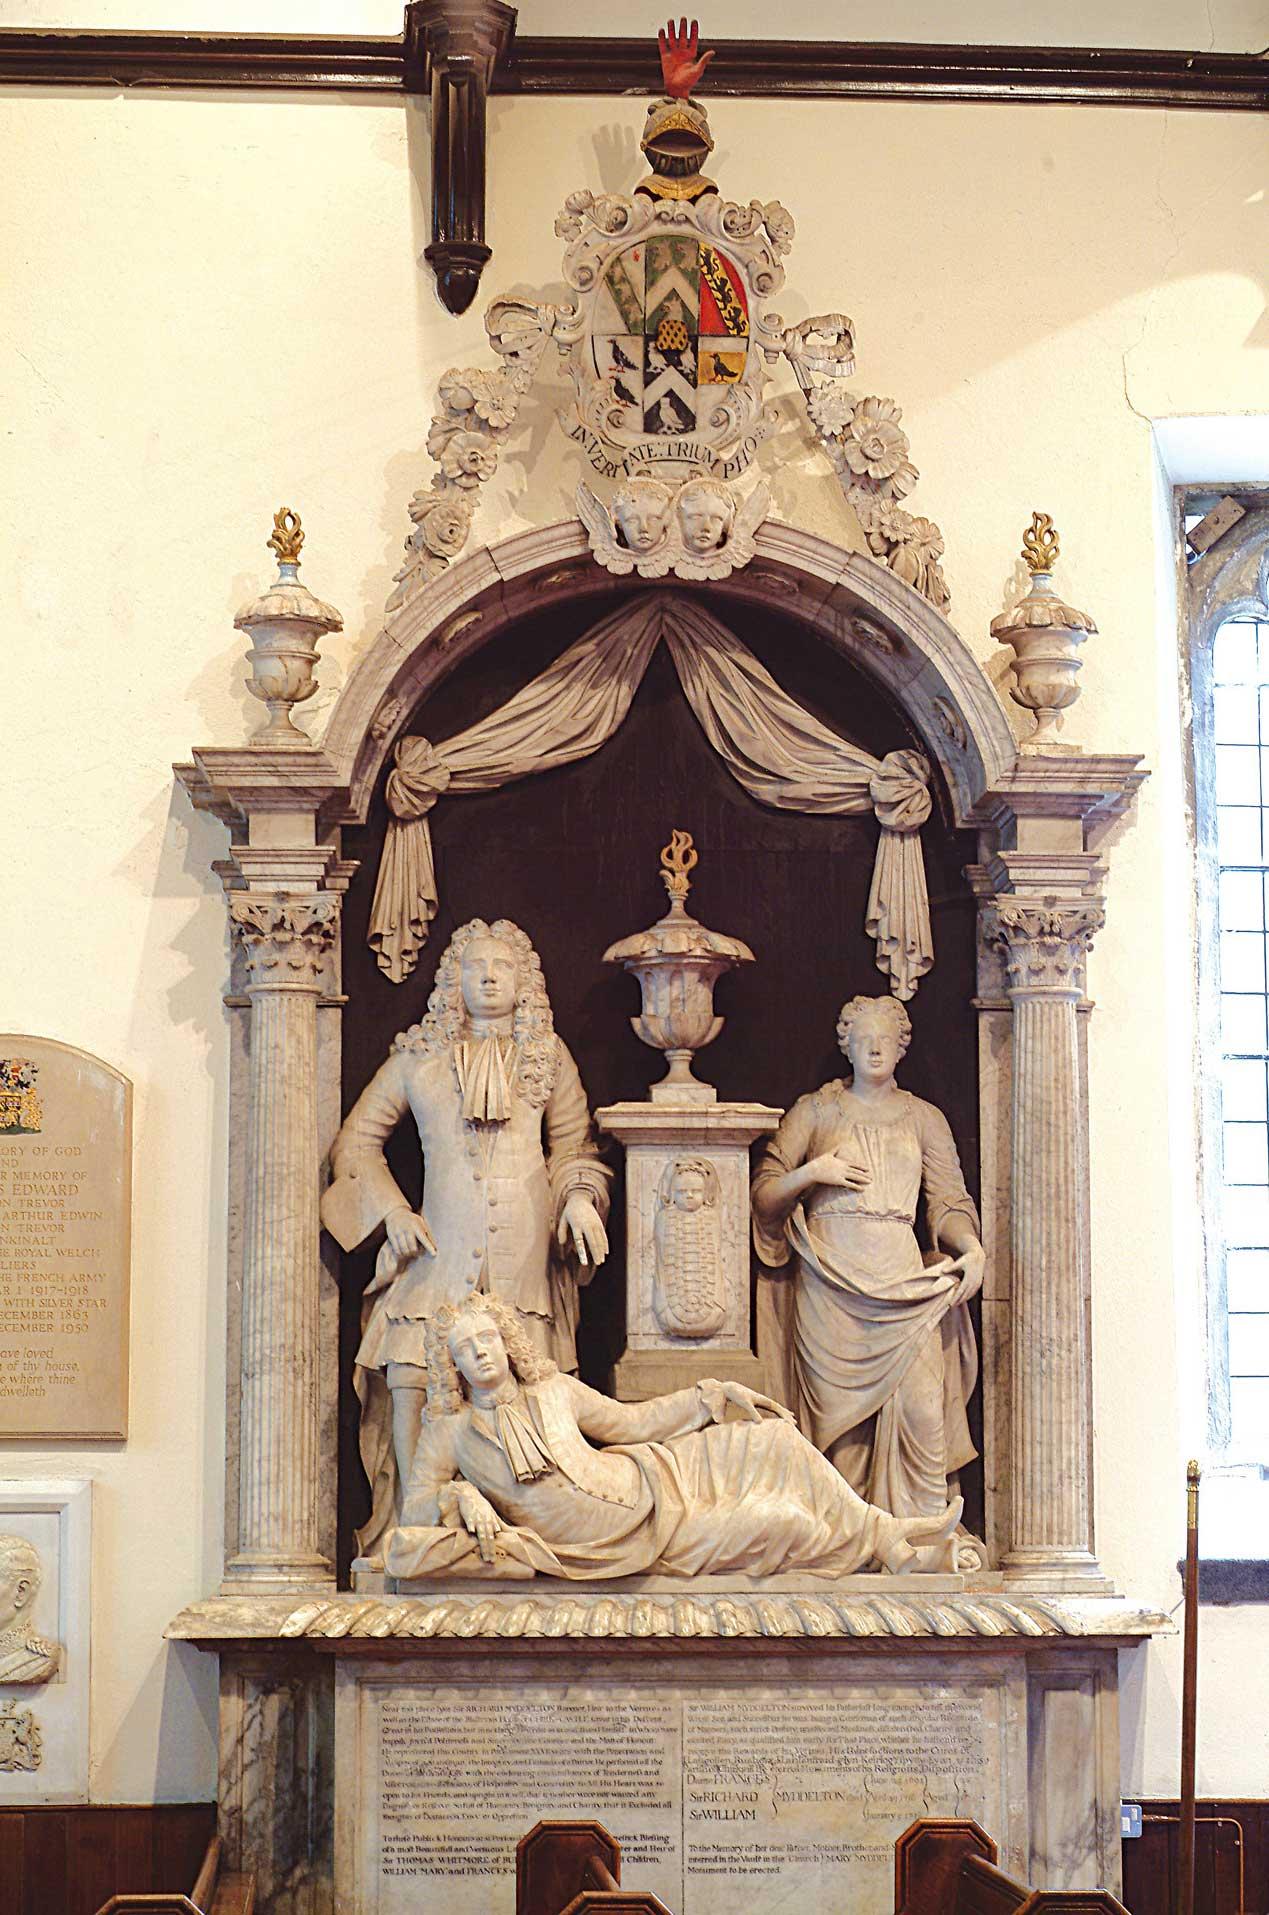 Myddleton family monument, chirk